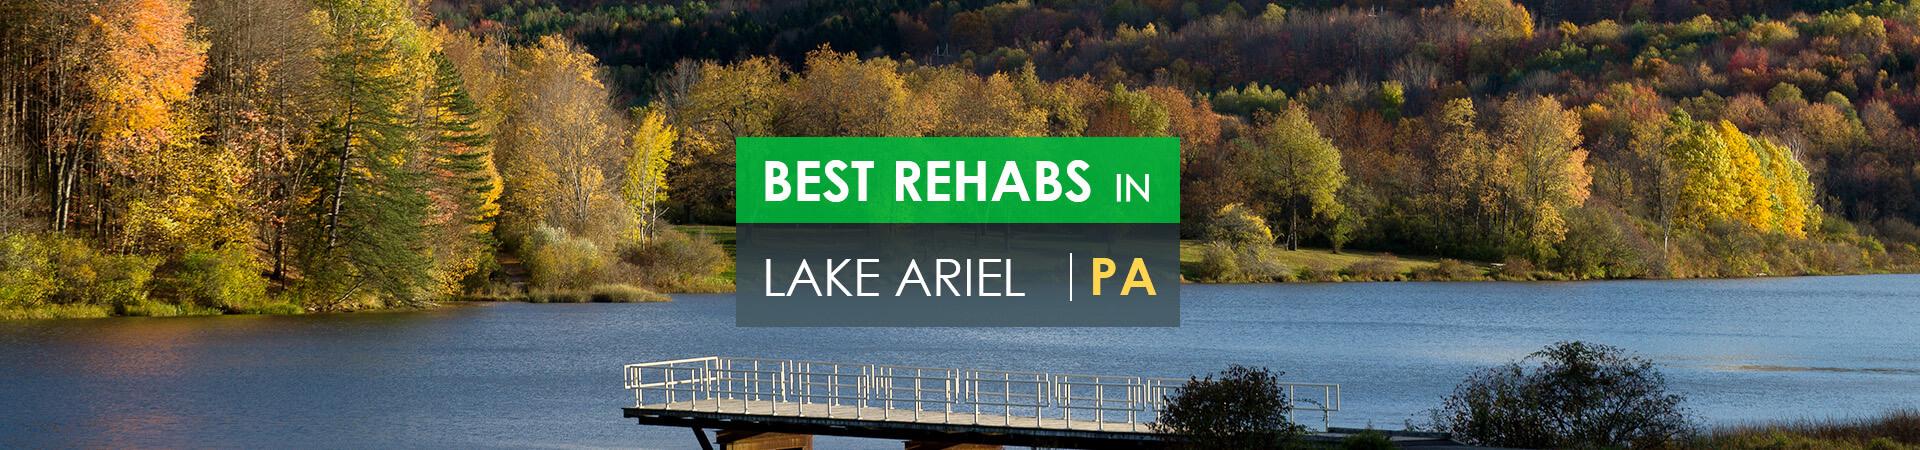 Best rehabs in Lake Ariel, PA